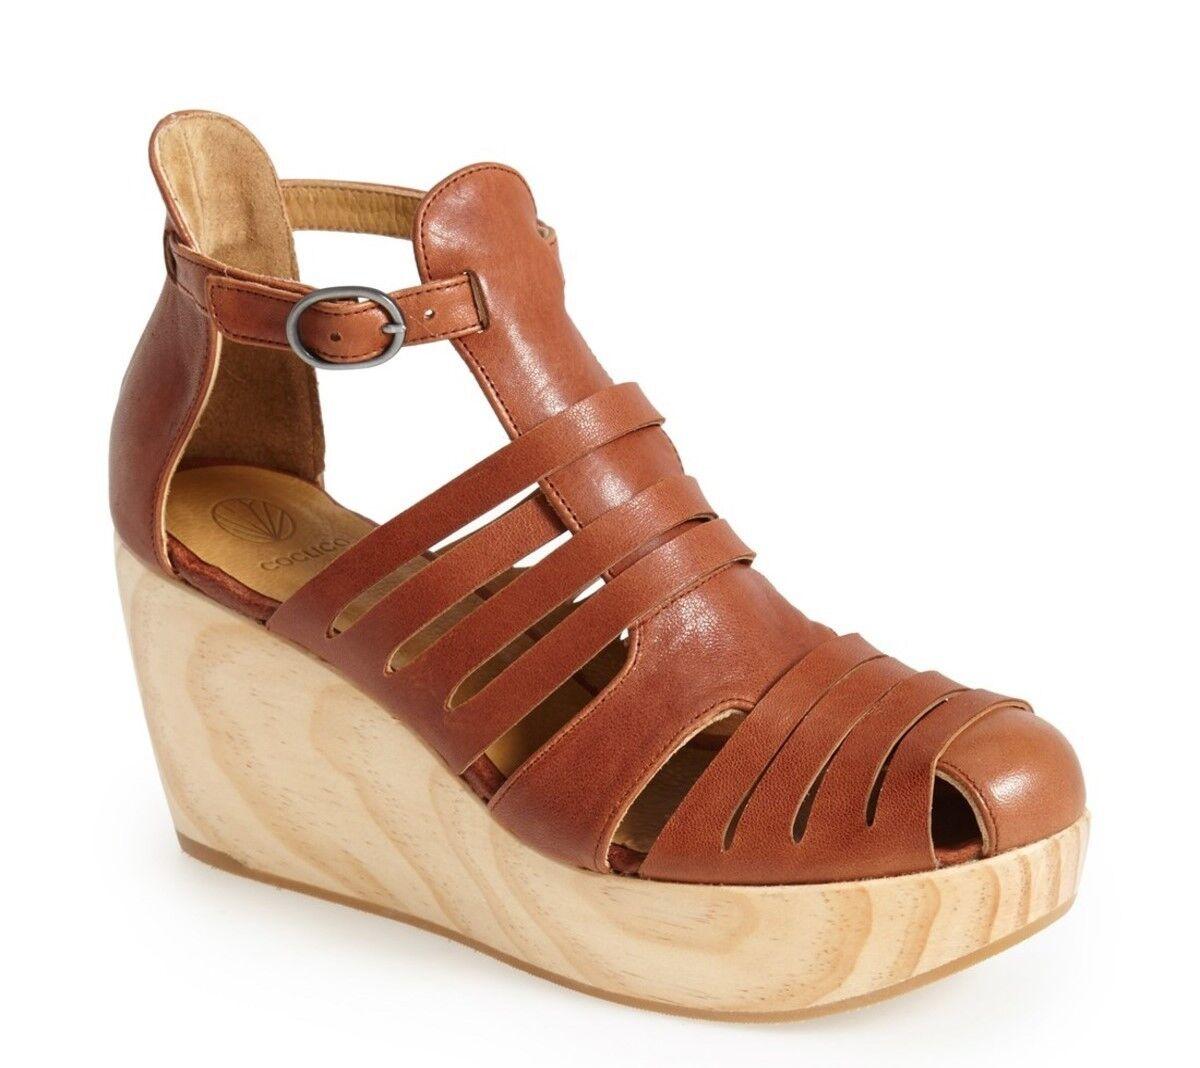 Coclico Zapatos Con Tiras Sandalias Botines Botines Botines de cuña con plataforma de corazón 40  445  tomar hasta un 70% de descuento